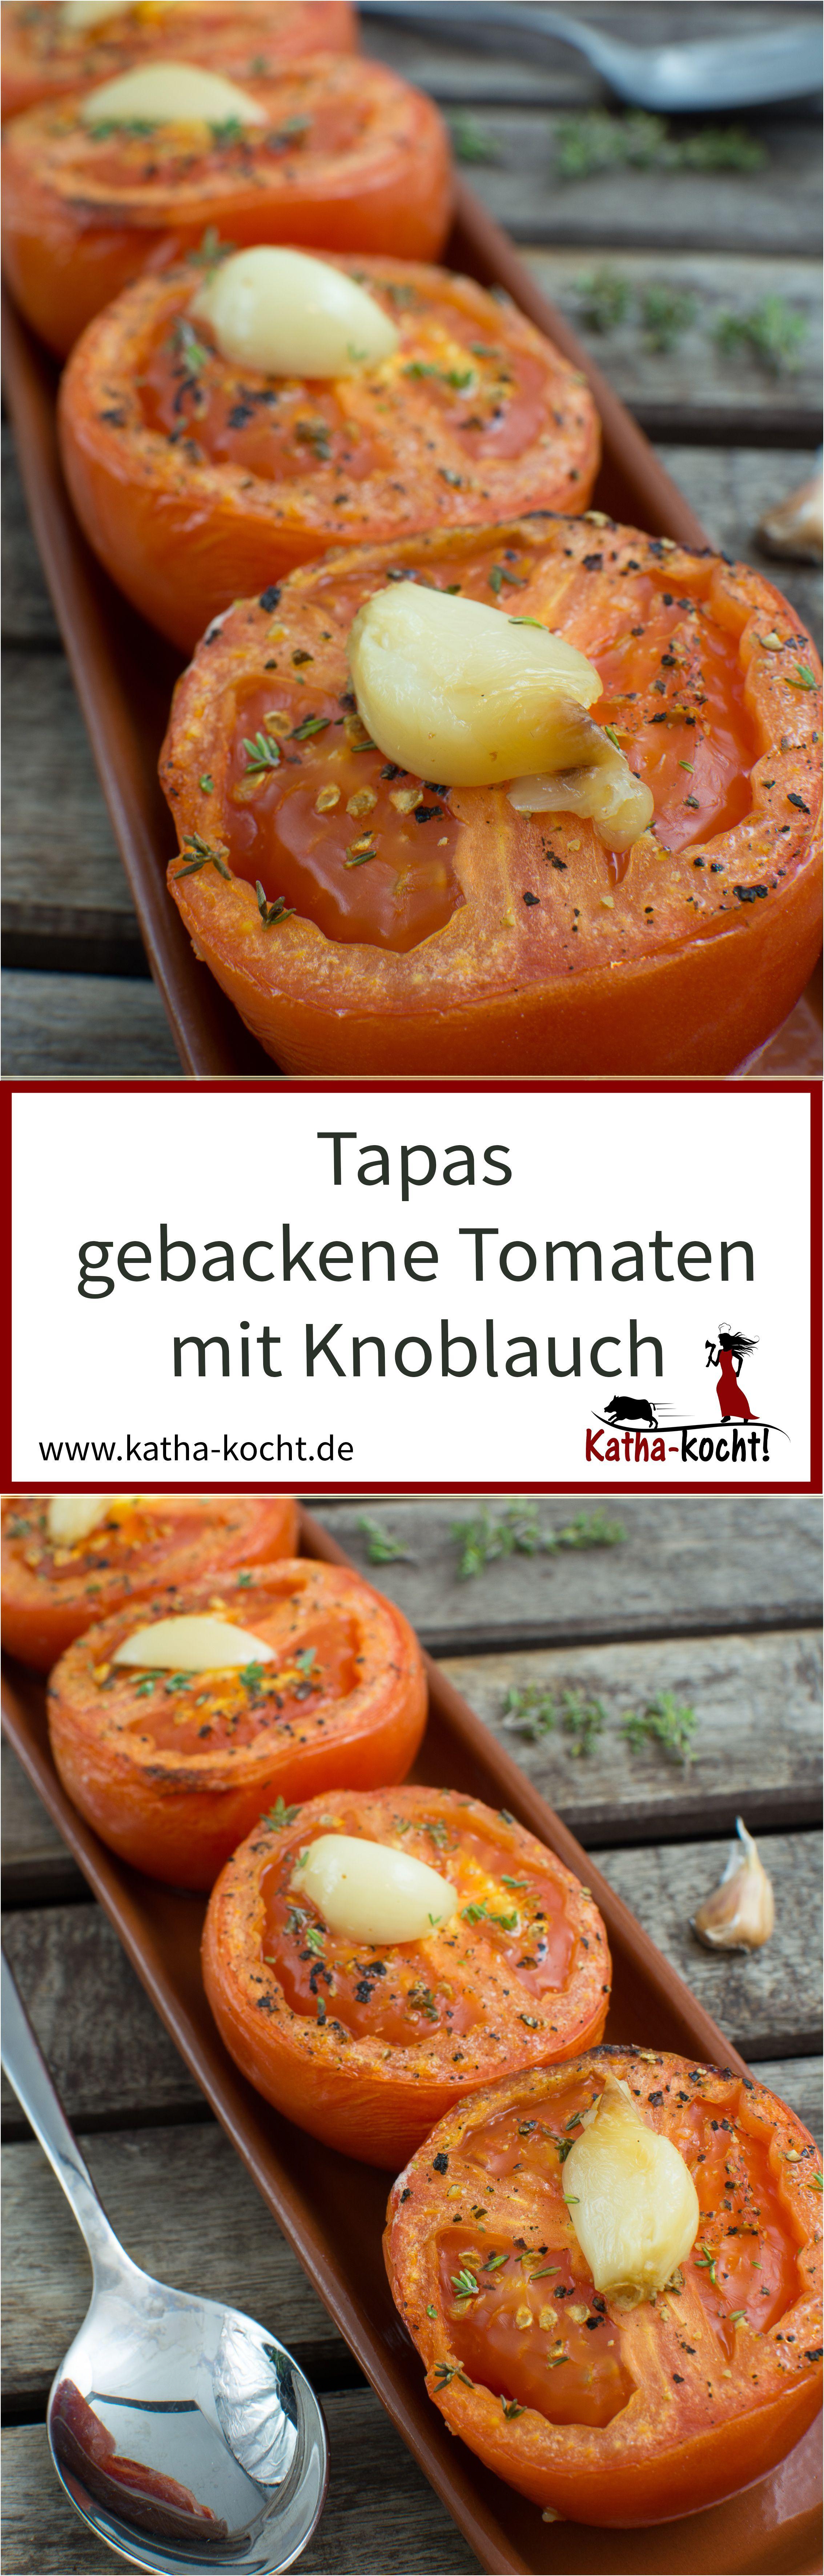 tapas gebackene knoblauch tomaten vegetarische tapas tapas und knoblauch. Black Bedroom Furniture Sets. Home Design Ideas